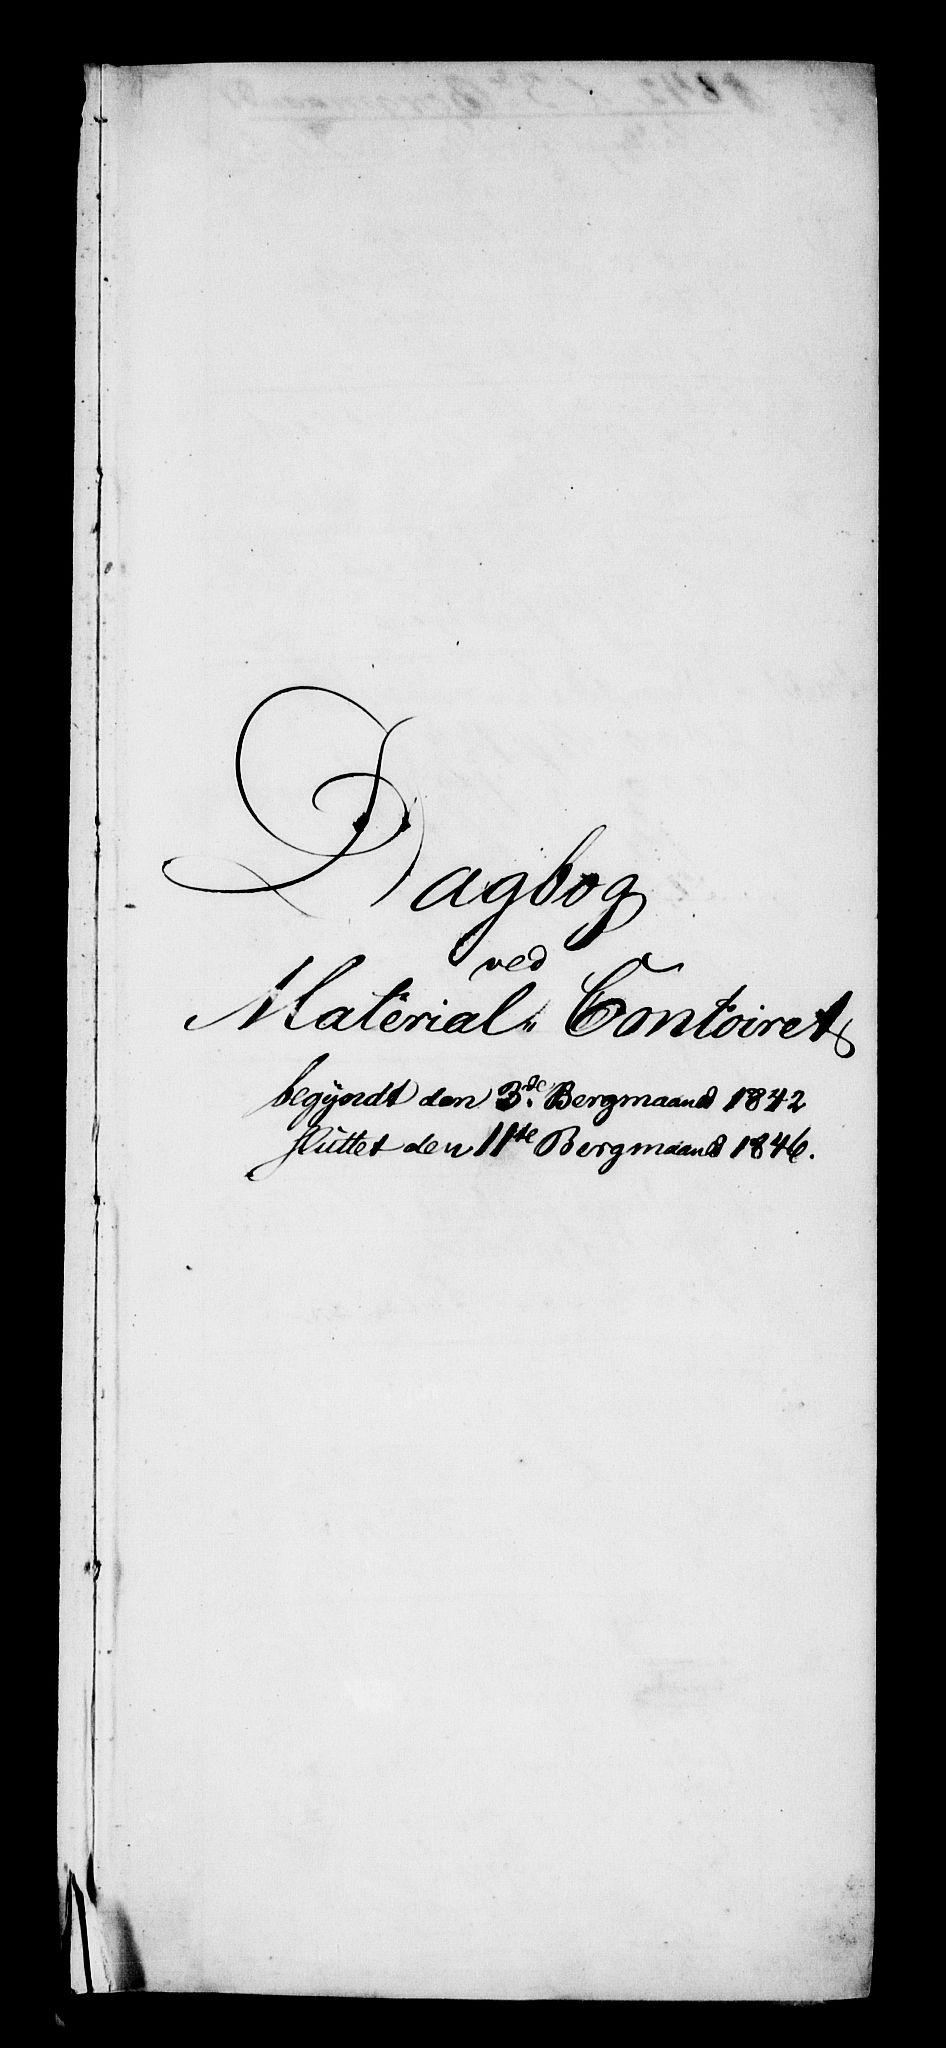 RA, Modums Blaafarveværk, G/Gd/Gdb/L0202: Annotations Bog, Dagbok over inn- og utgående materiale, 1842-1846, s. 2